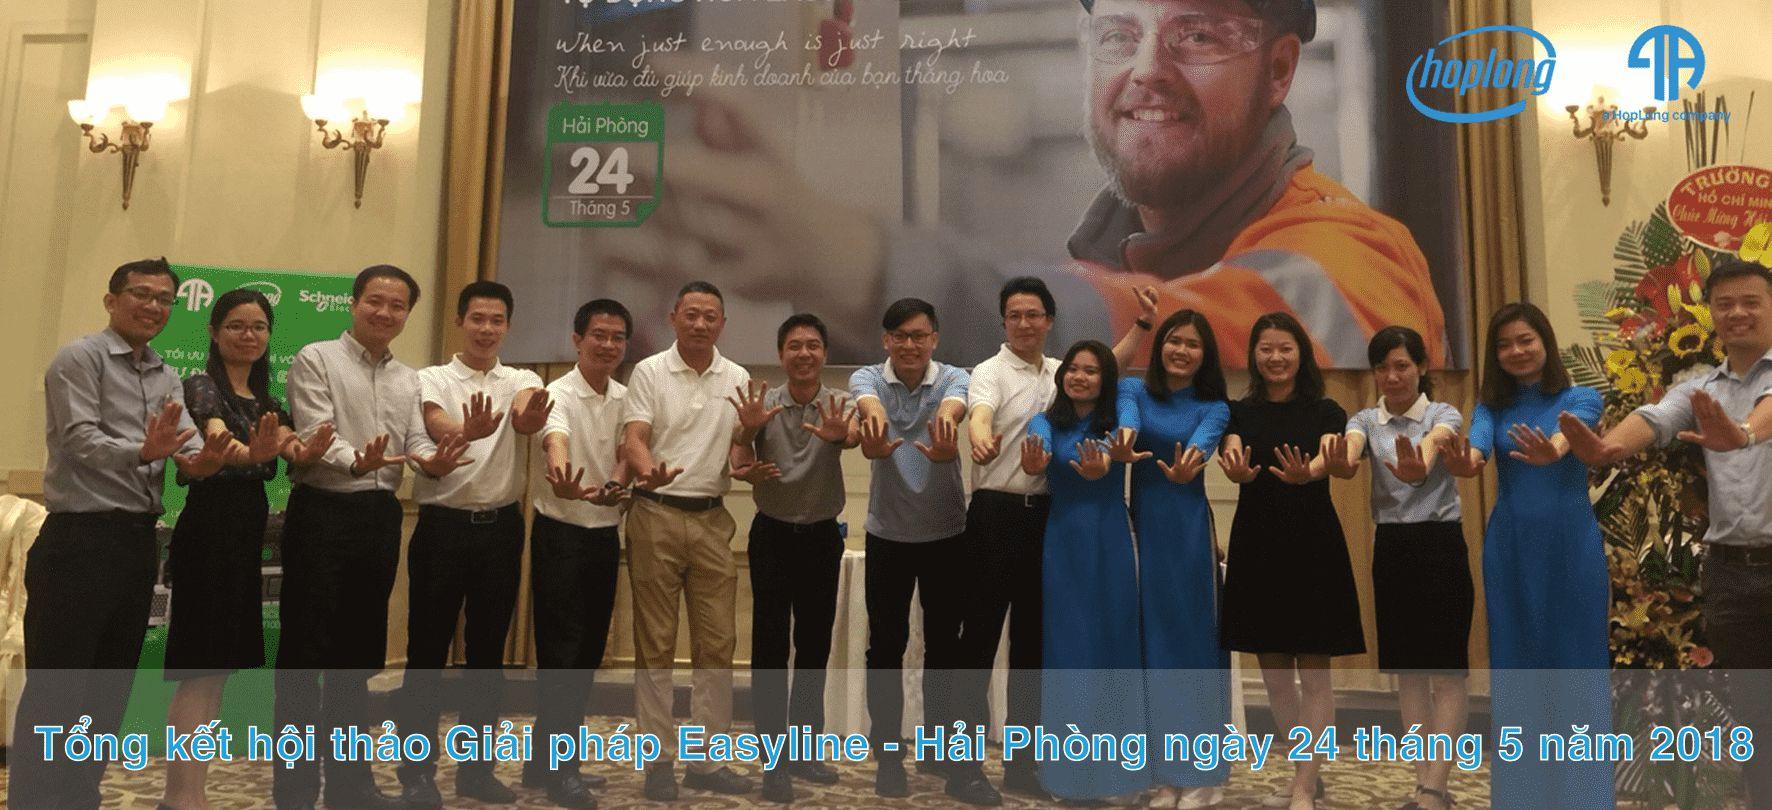 Tổng kết hội thảo Giải pháp Easyline - Hải Phòng ngày 24 tháng 5 năm 2018